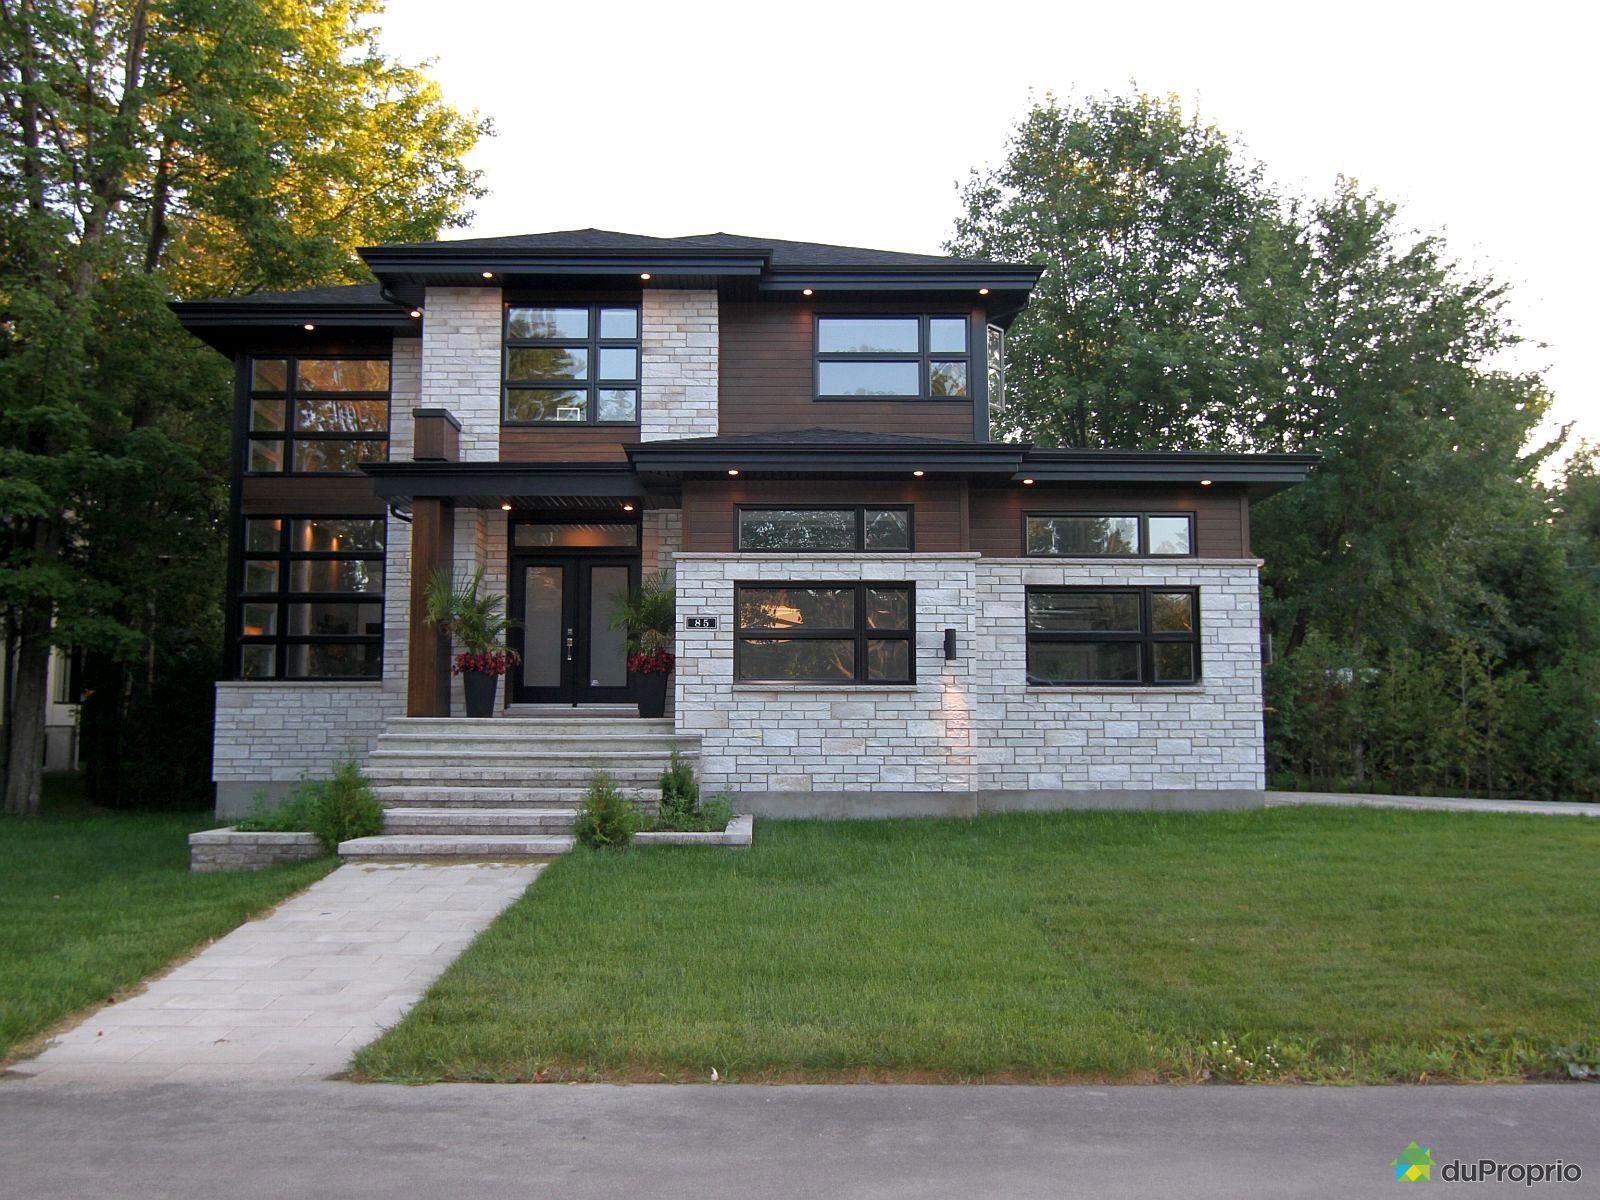 maison moderne blainville avec des id es int ressantes pour la conception de la